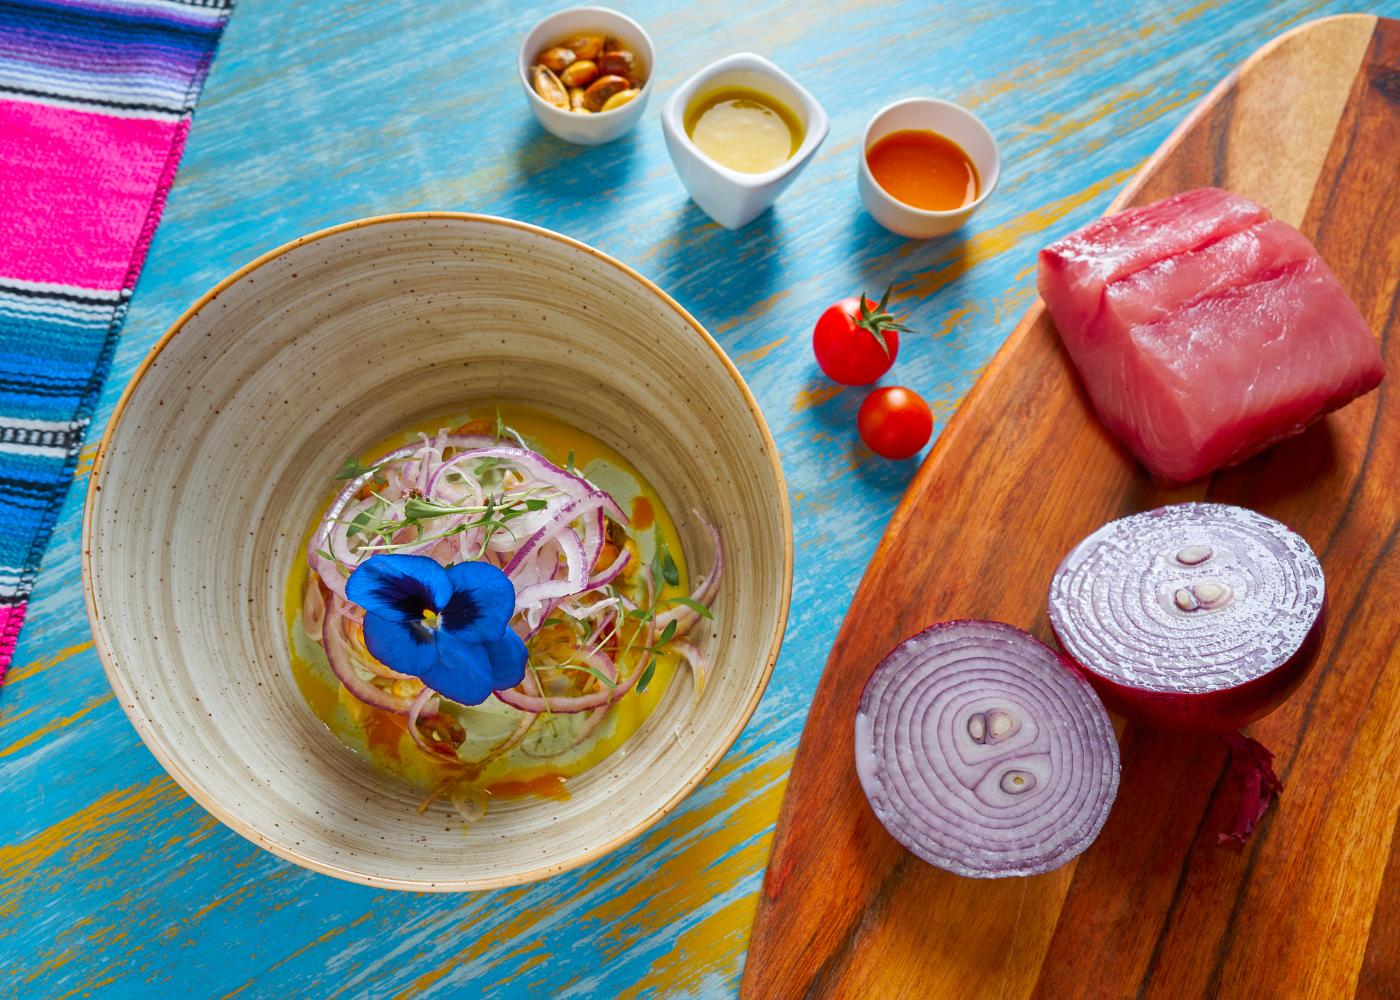 ceviche de atum decorada com flor